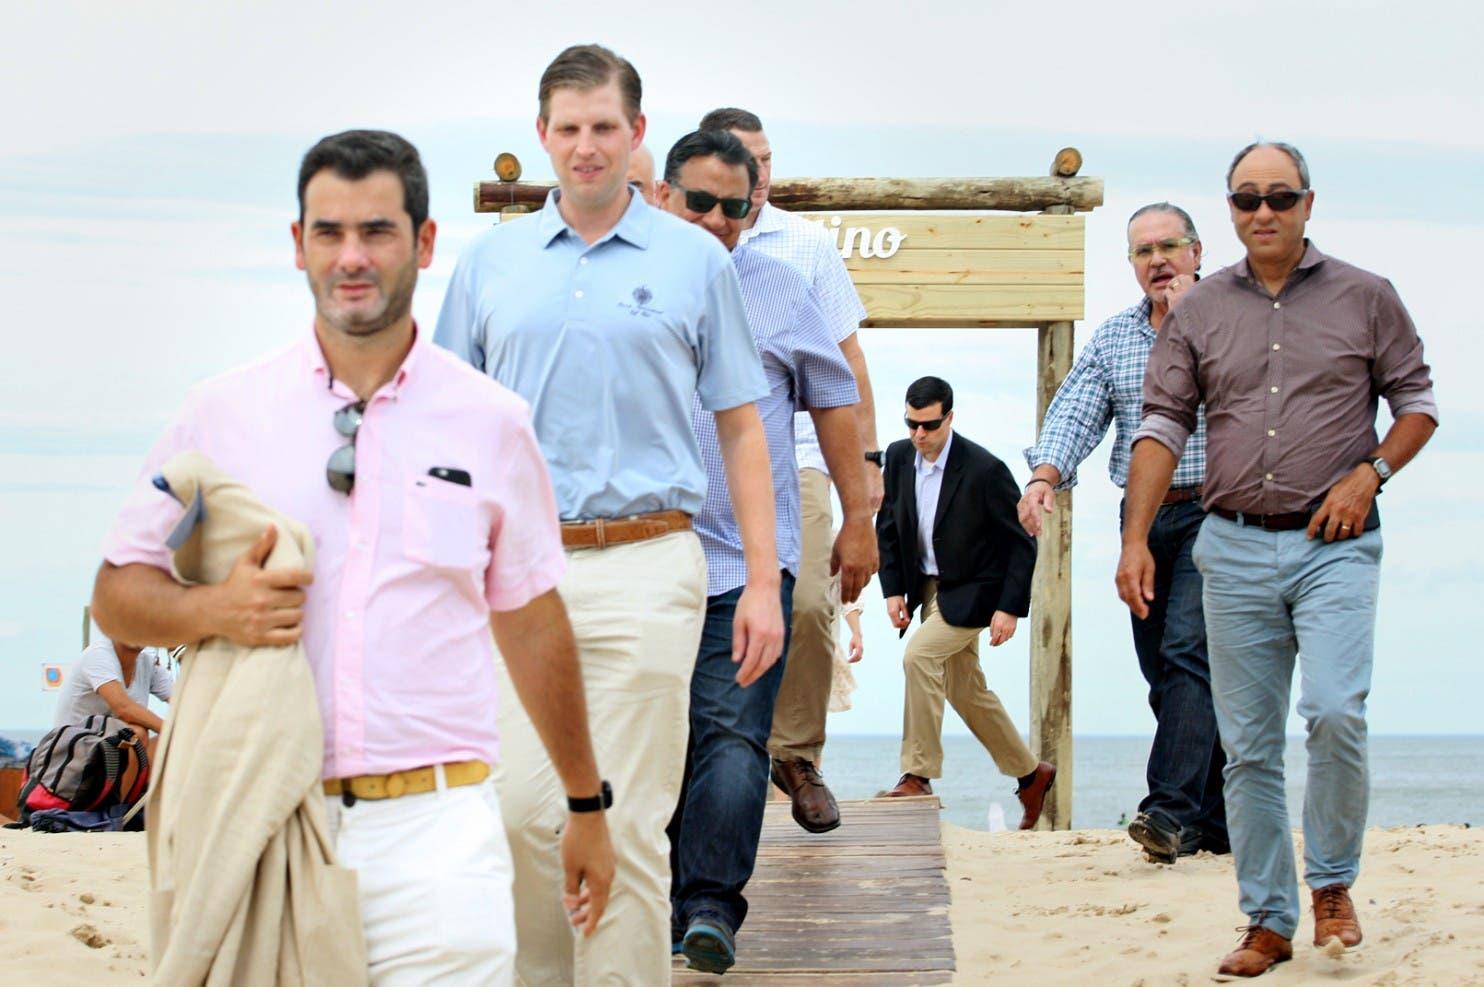 إريك ترمب ومرافقوه خلال زيارة الأوروغواي